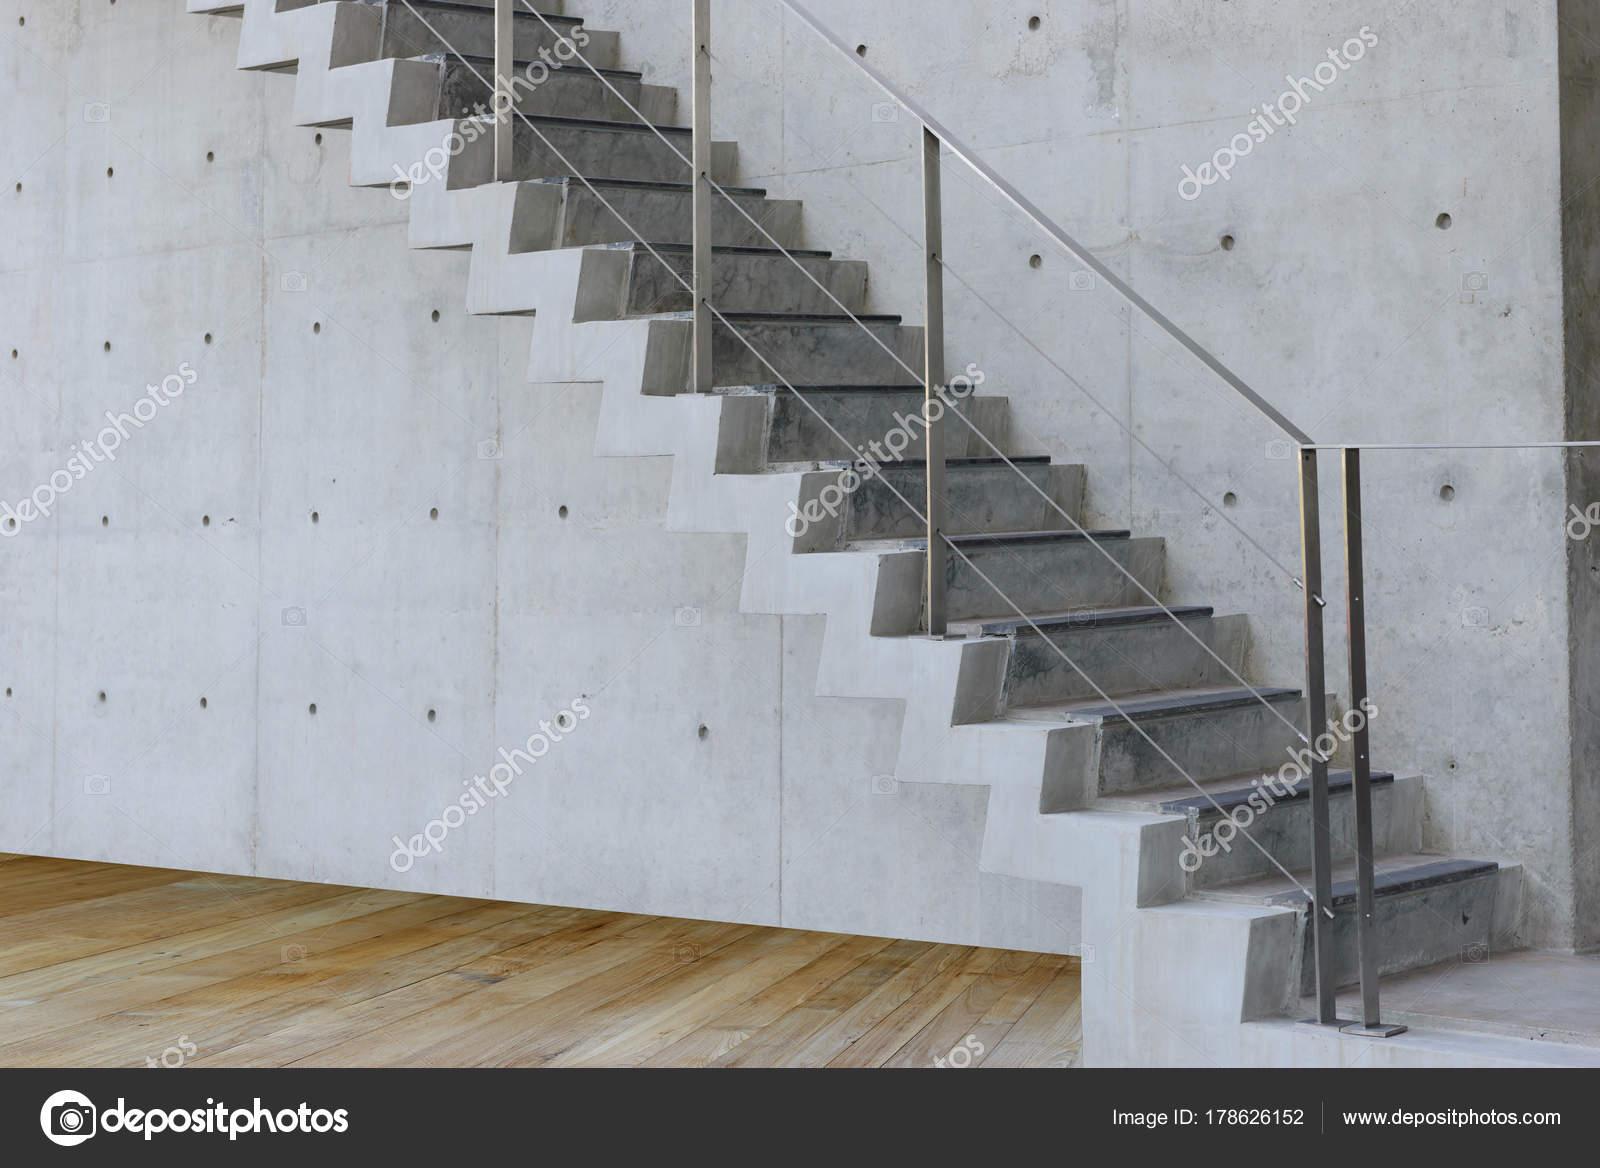 Escalier en béton avec mur de béton et plancher de bois en batiment ...